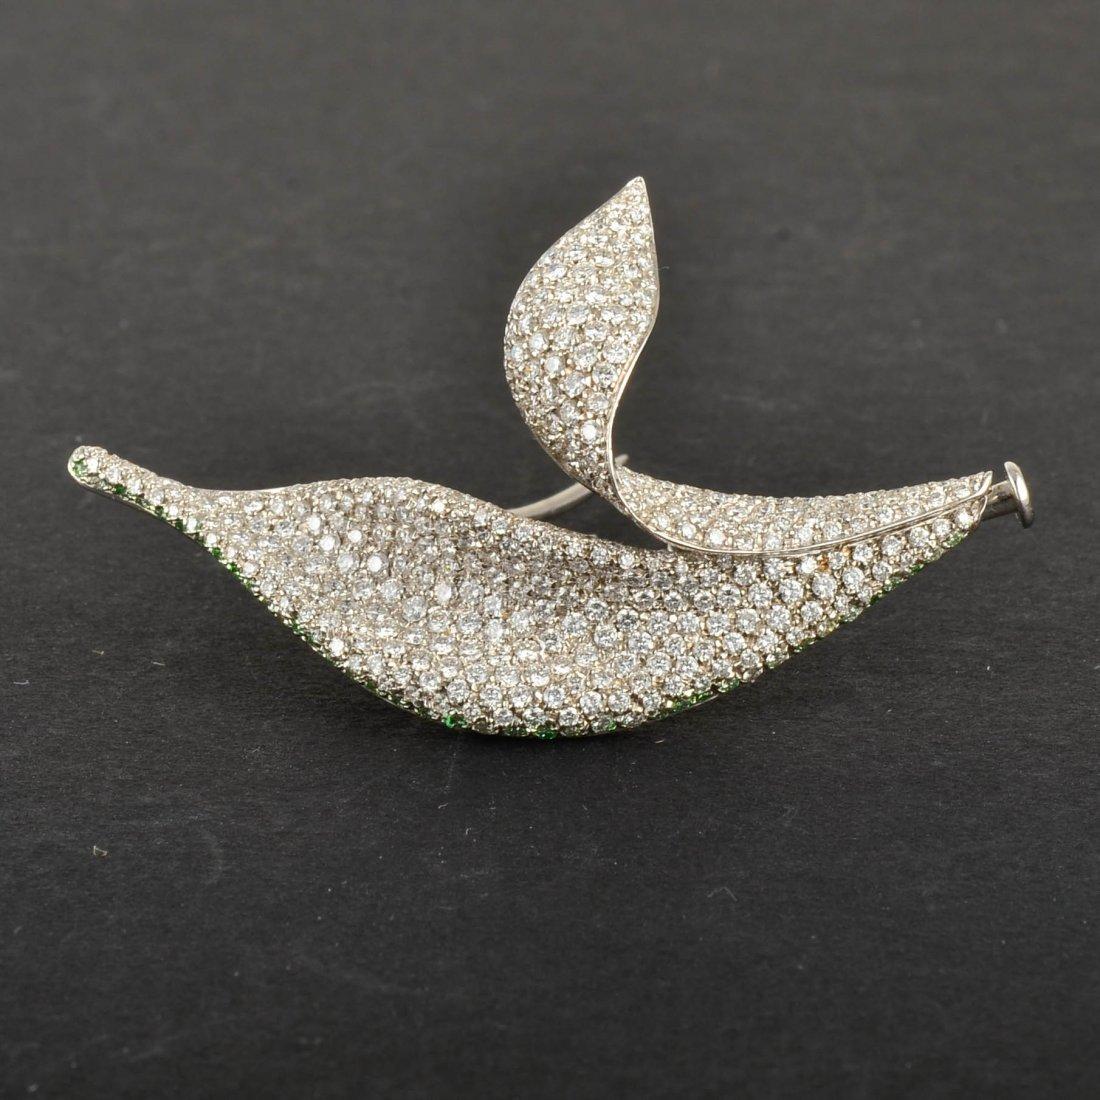 18K WG Diamond Leaf Shaped Brooch